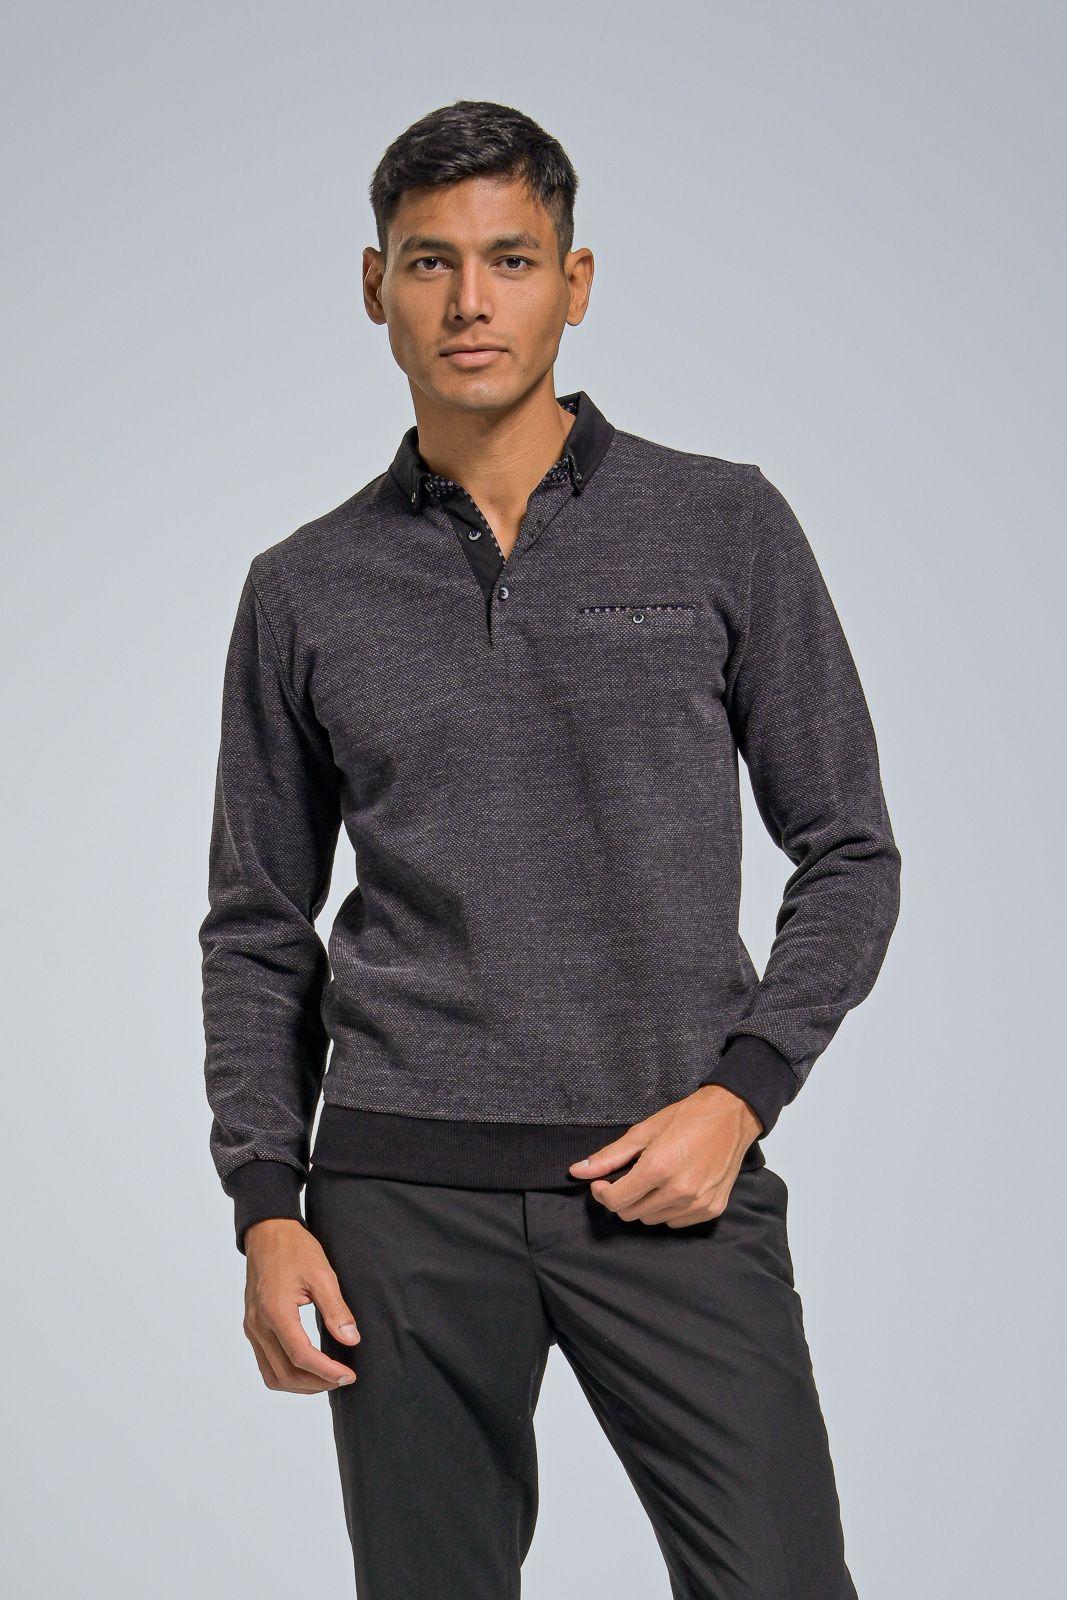 Ανδρικό Βαμβακερό Μπλουζάκι με Γιακά Τύπου Πόλο σε Μαύρο Χρώμα